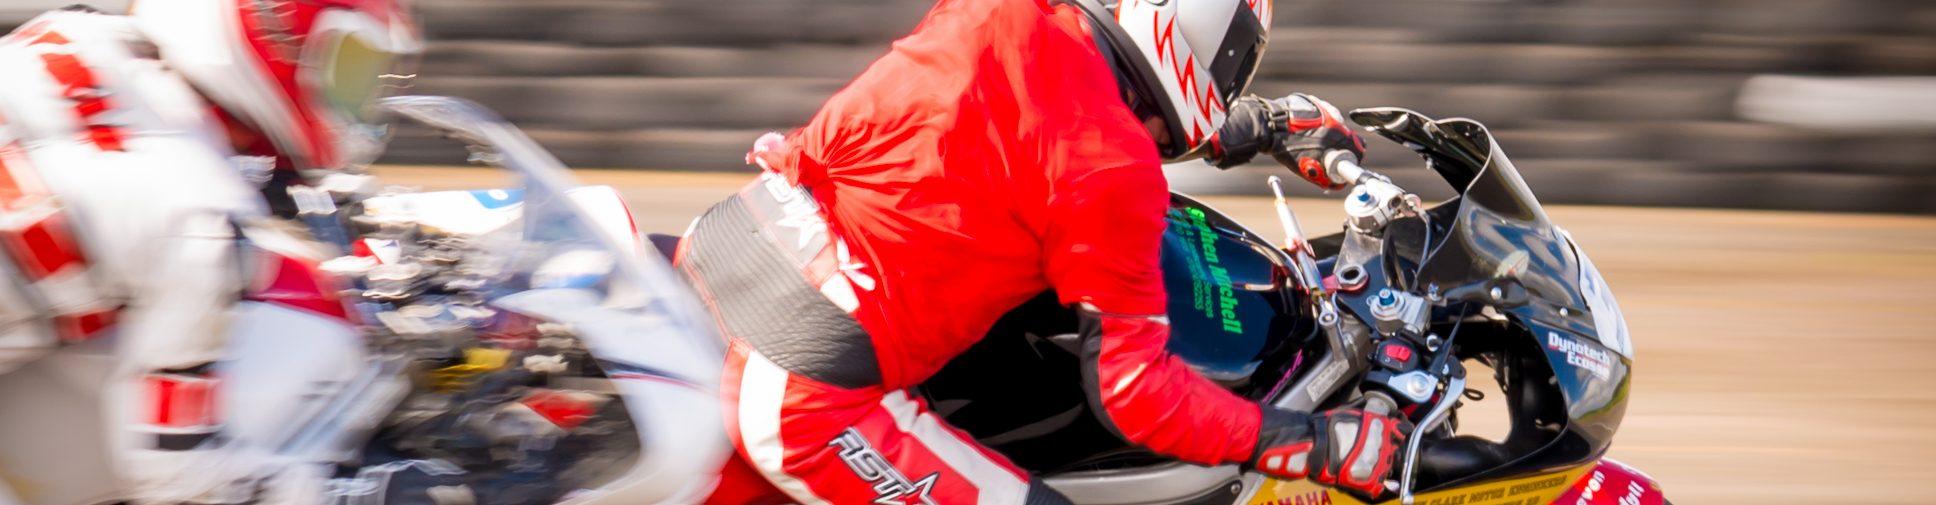 North East Motorcycle Racing Club